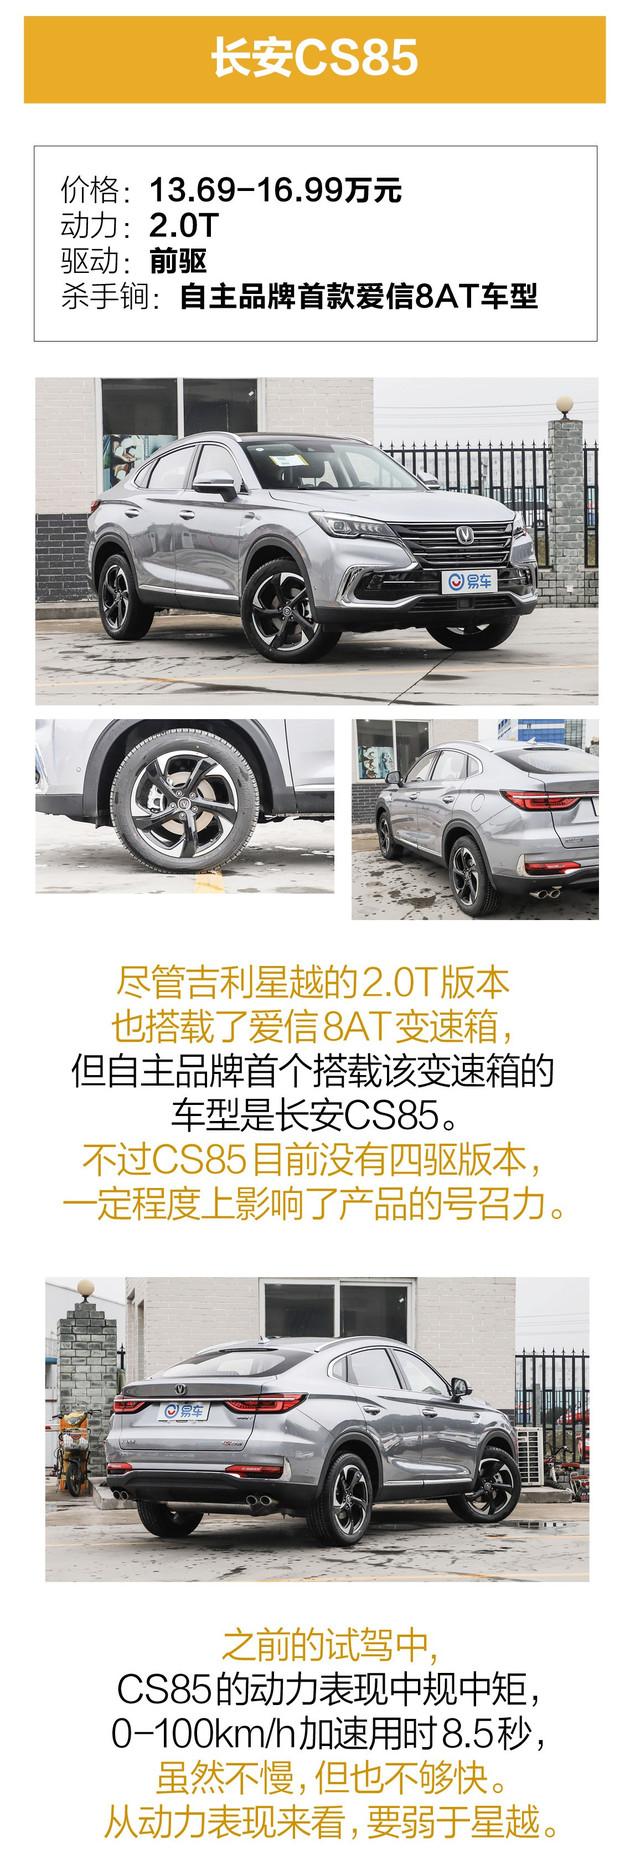 侃车龙门阵 | 星越、CS85还是F7x?自主轿跑SUV究竟谁最强?